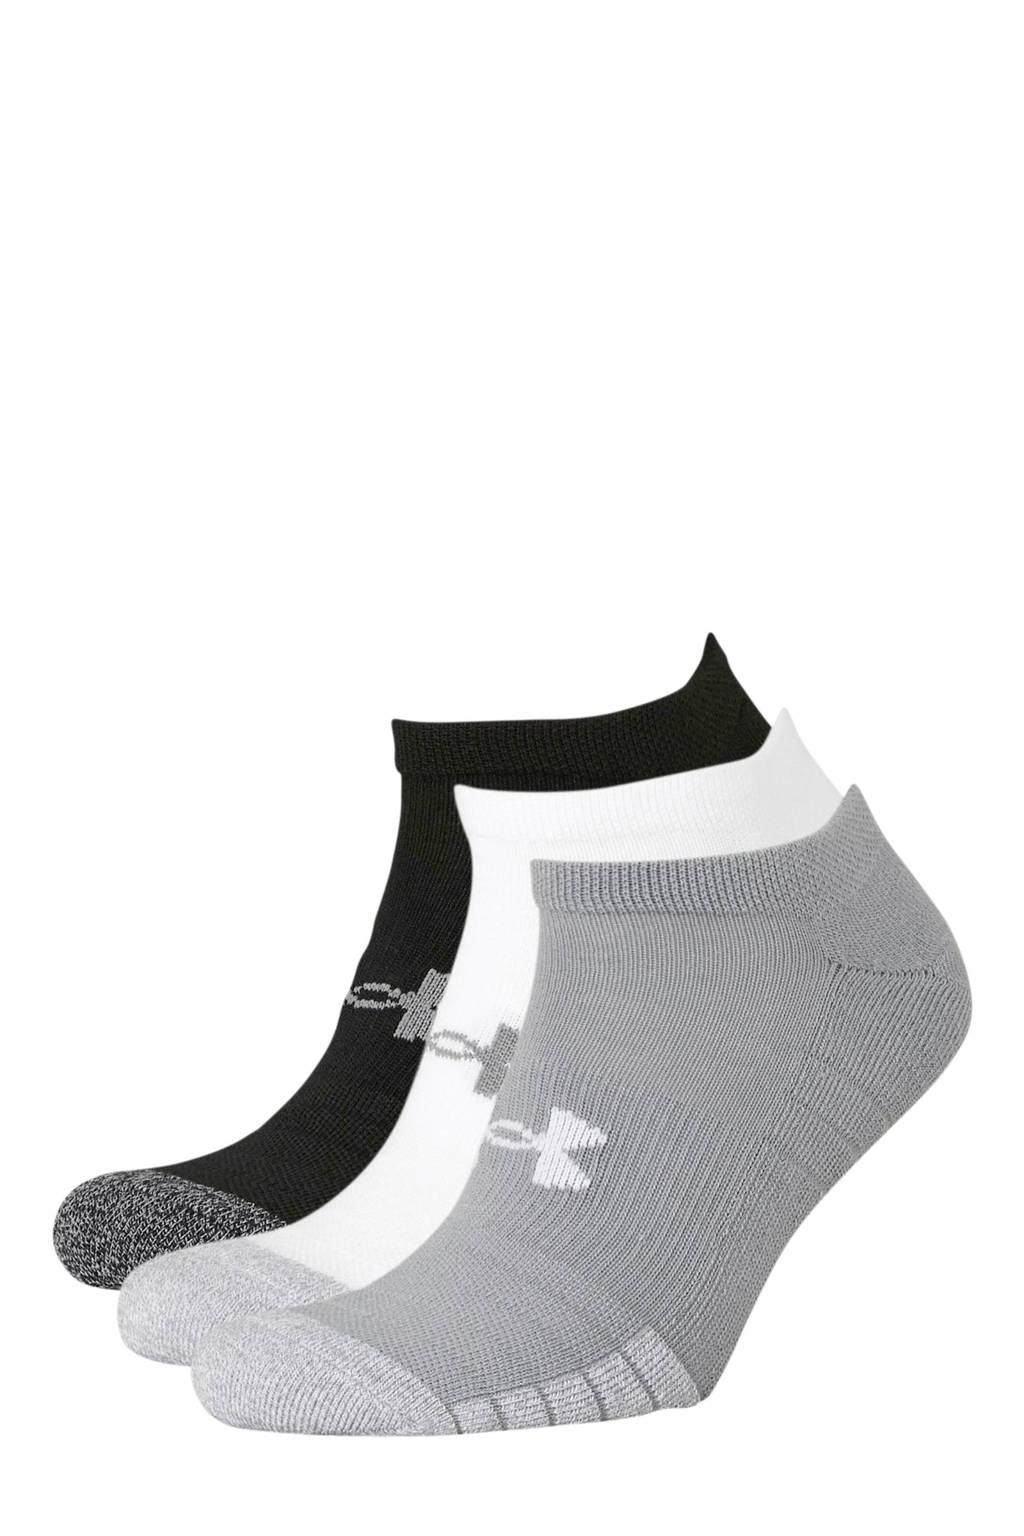 Under Armour   sportsokken grijs/wit/zwart (set van 3), Grijs/wit/zwart